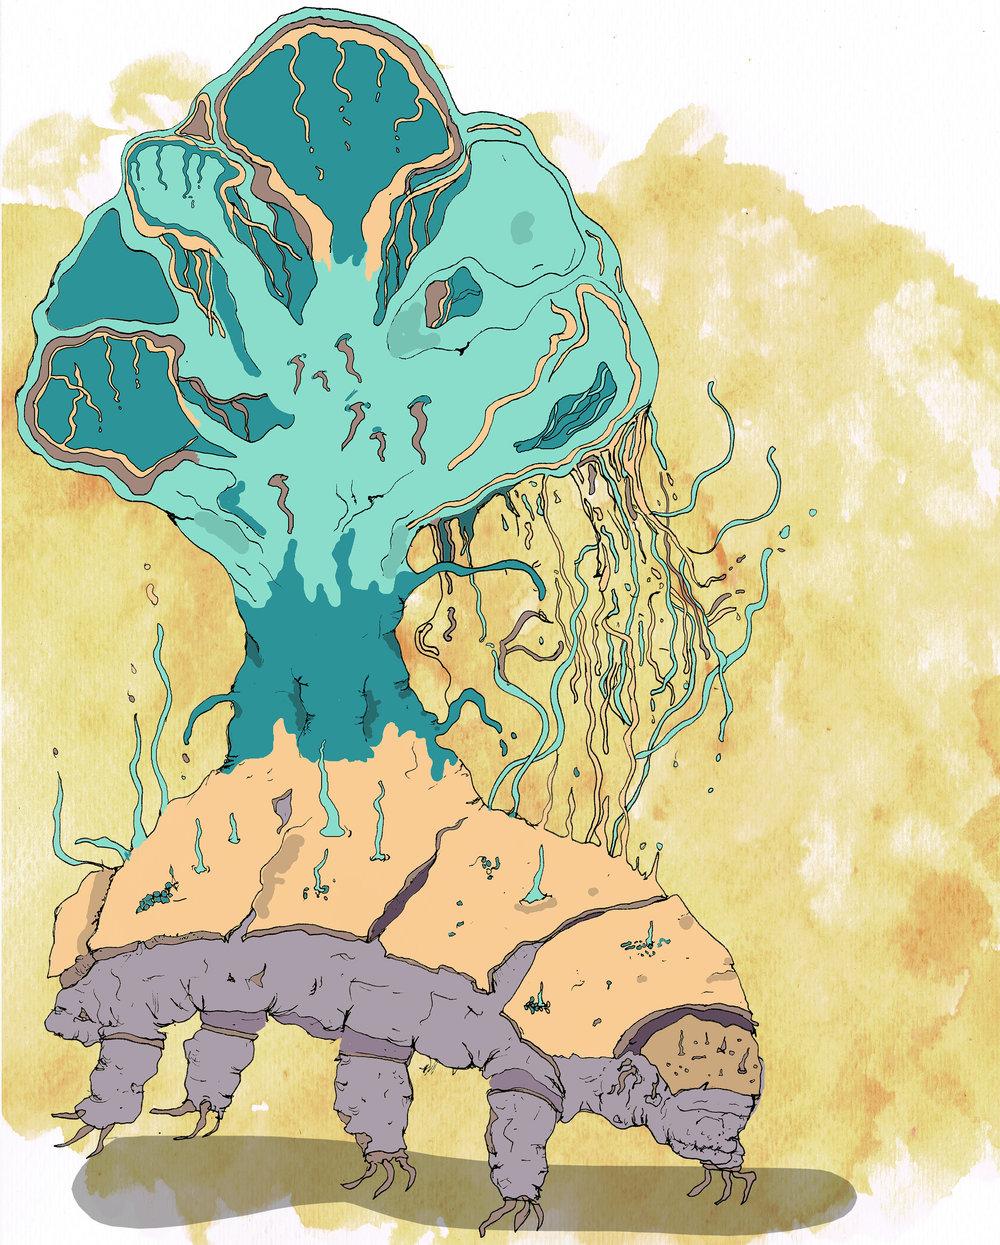 treebug201120162 copy.jpg